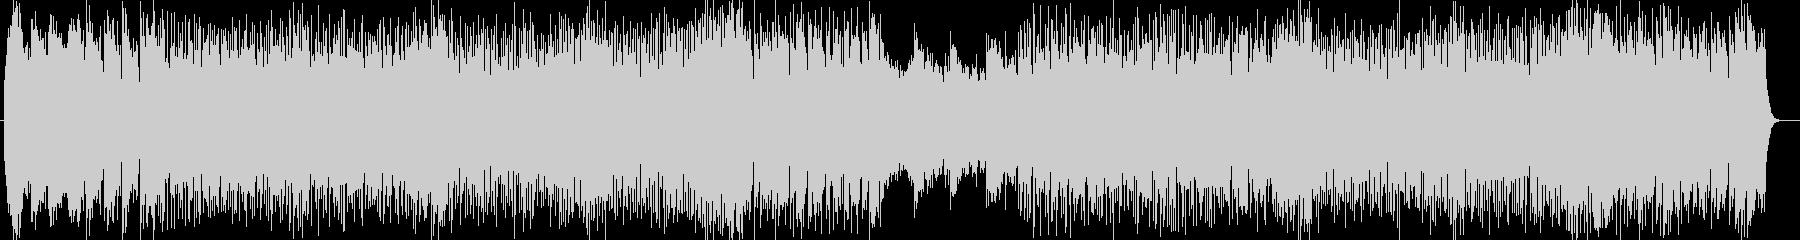 アップテンポミュージックの未再生の波形